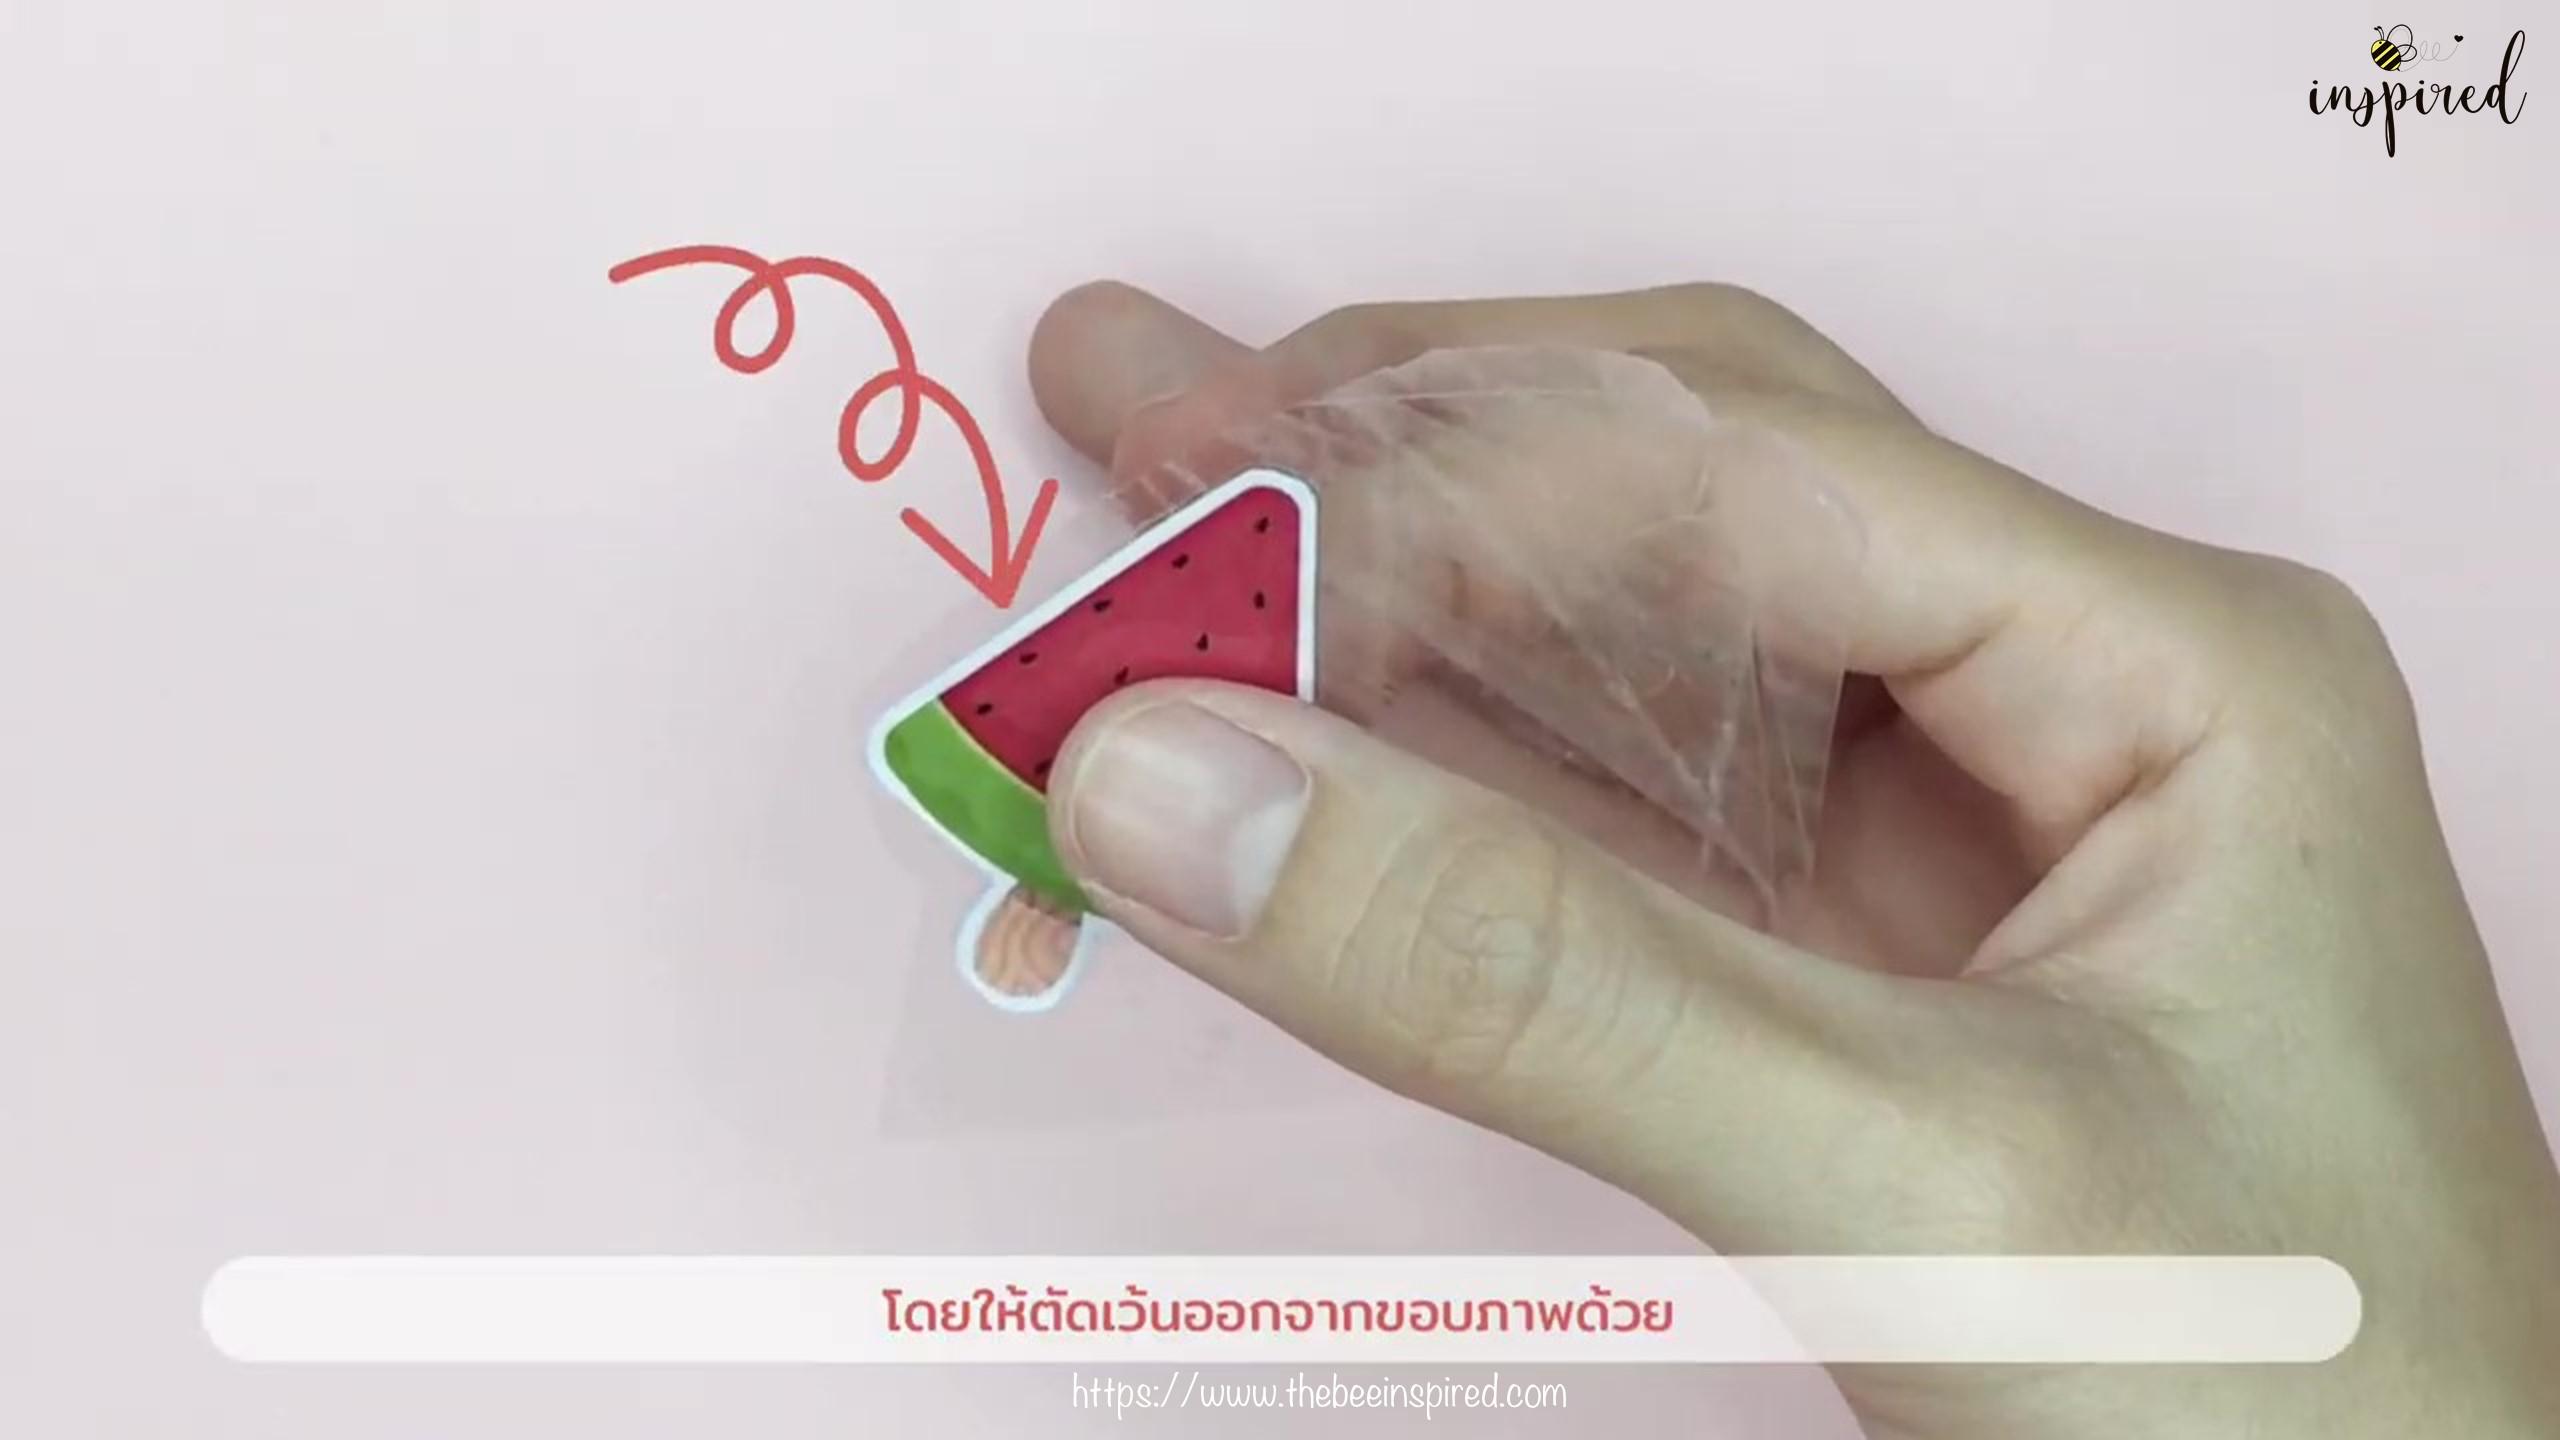 วิธีทำสติ๊กเกอร์ง่ายๆ ด้วยสก็อตเทปใส_ (Easy DIY) How to Make Sticker from Clear Packaging Tape_7